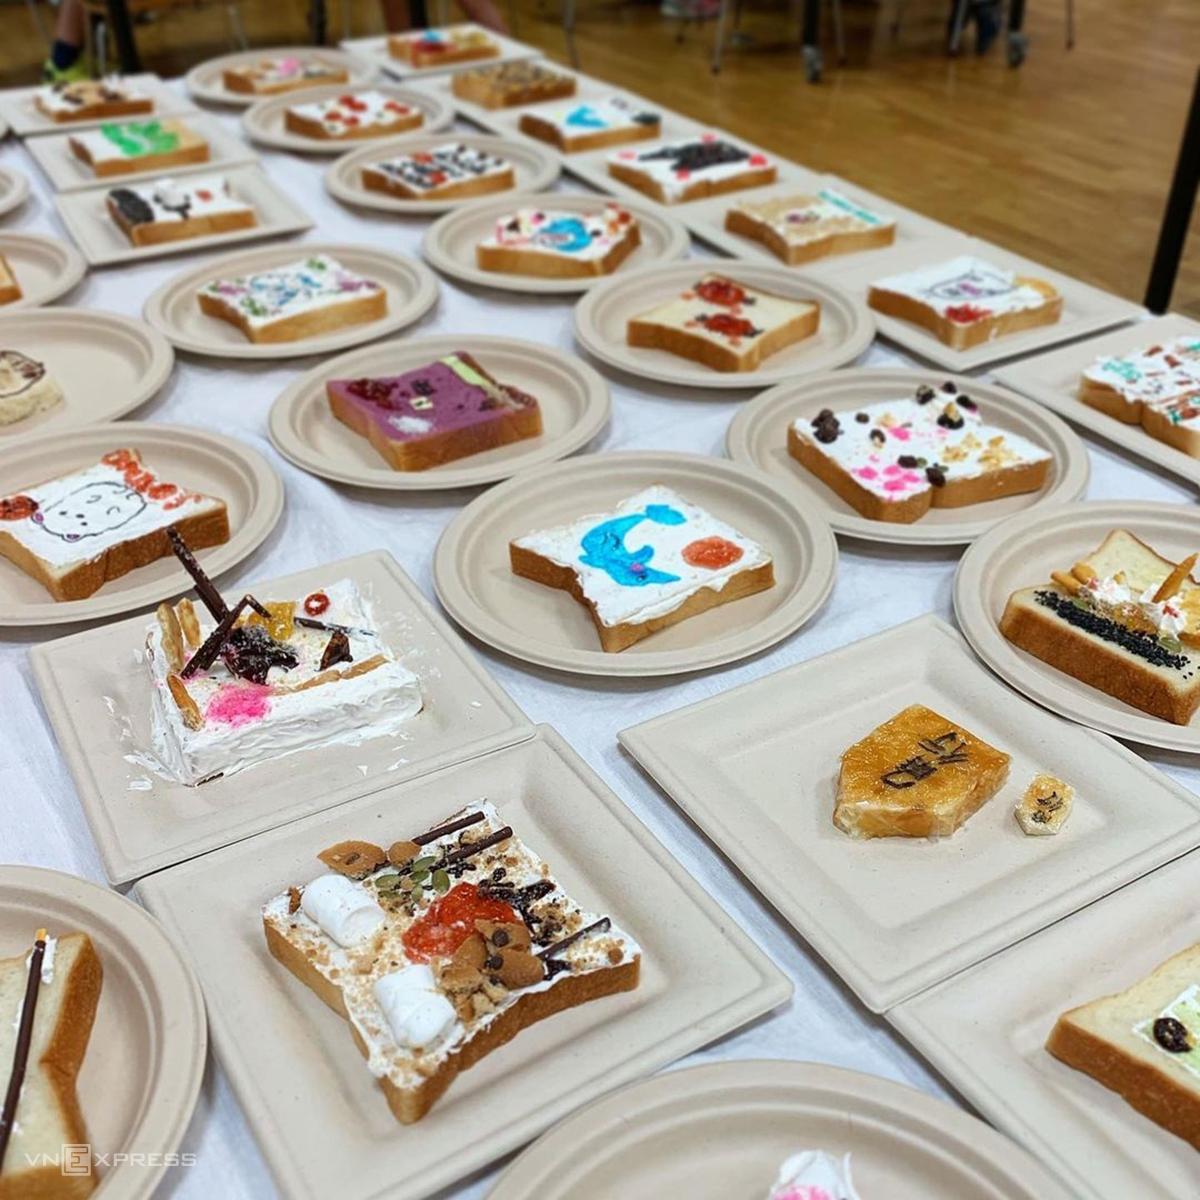 Eiko Mori, hiện đang sinh sống tại thành phố Kobe (Nhật Bản), bắt đầu nảy ra ý tưởng sáng tạo trên những lát bánh mì từ năm 2017. Là một điều phối viên trong lĩnh vực ẩm thực, cô xem việc nấu ăn và sáng tạo như một phần niềm vui trong cuộc sống và thường cùng con gái làm bánh những khi rảnh rỗi.   Các sáng tác trên bánh mì của Mori vô cùng phong phú, từ những họa tiết đơn giản như trái cây, tách cà phê, khuông nhạc... đến những bức tranh nghệ thuật được vẽ trên lớp kem chua.